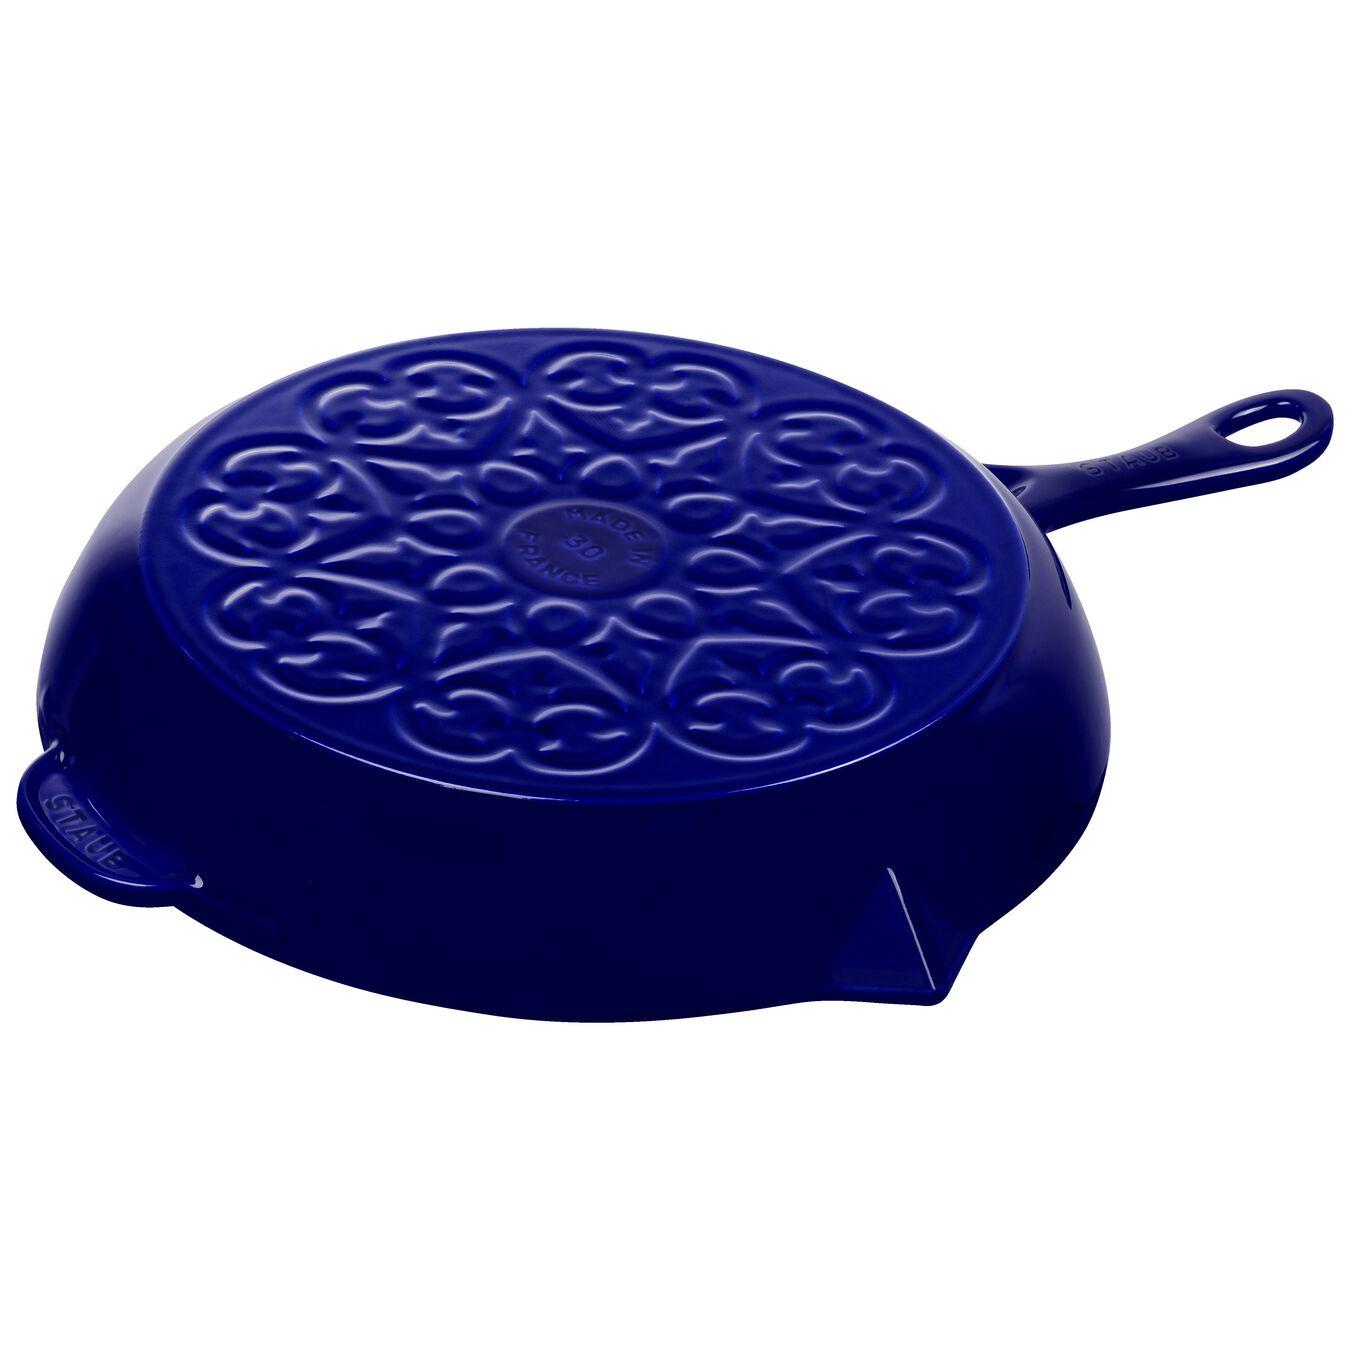 30 cm Cast iron Poêle, Dark-Blue,,large 2